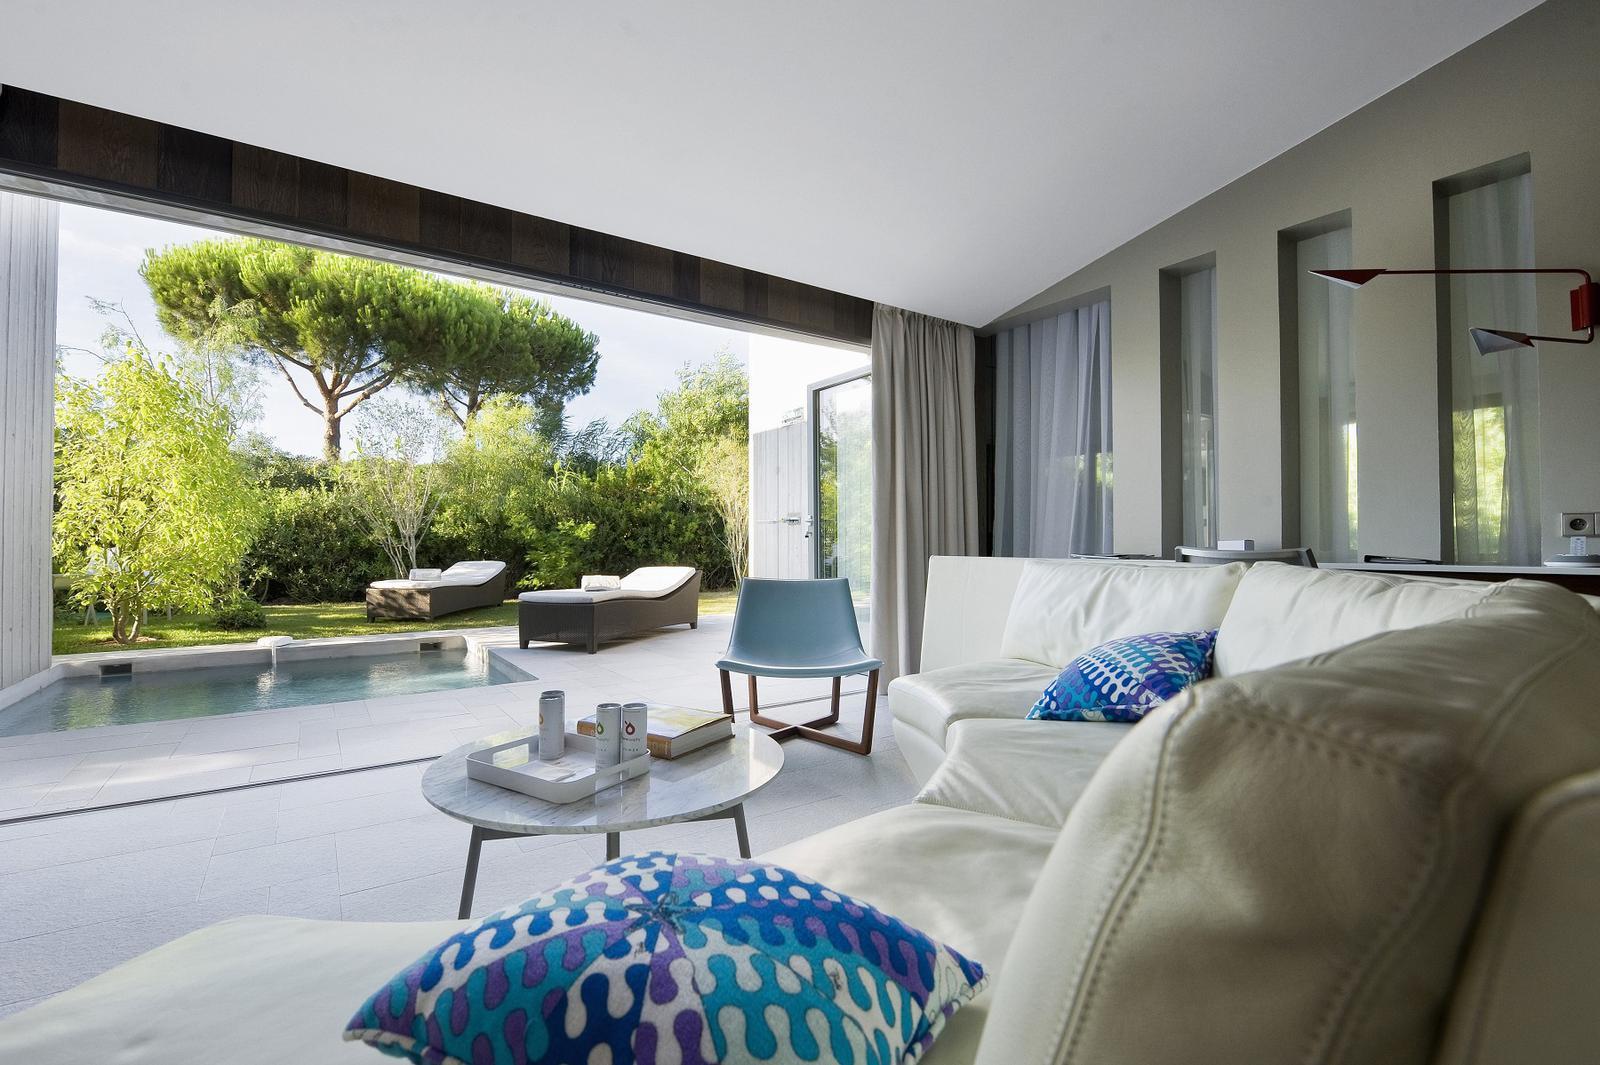 6 Superbes Hôtels Avec Piscine Privée Dans Votre Chambre En ... tout Hotel Avec Piscine Privée Dans La Chambre France